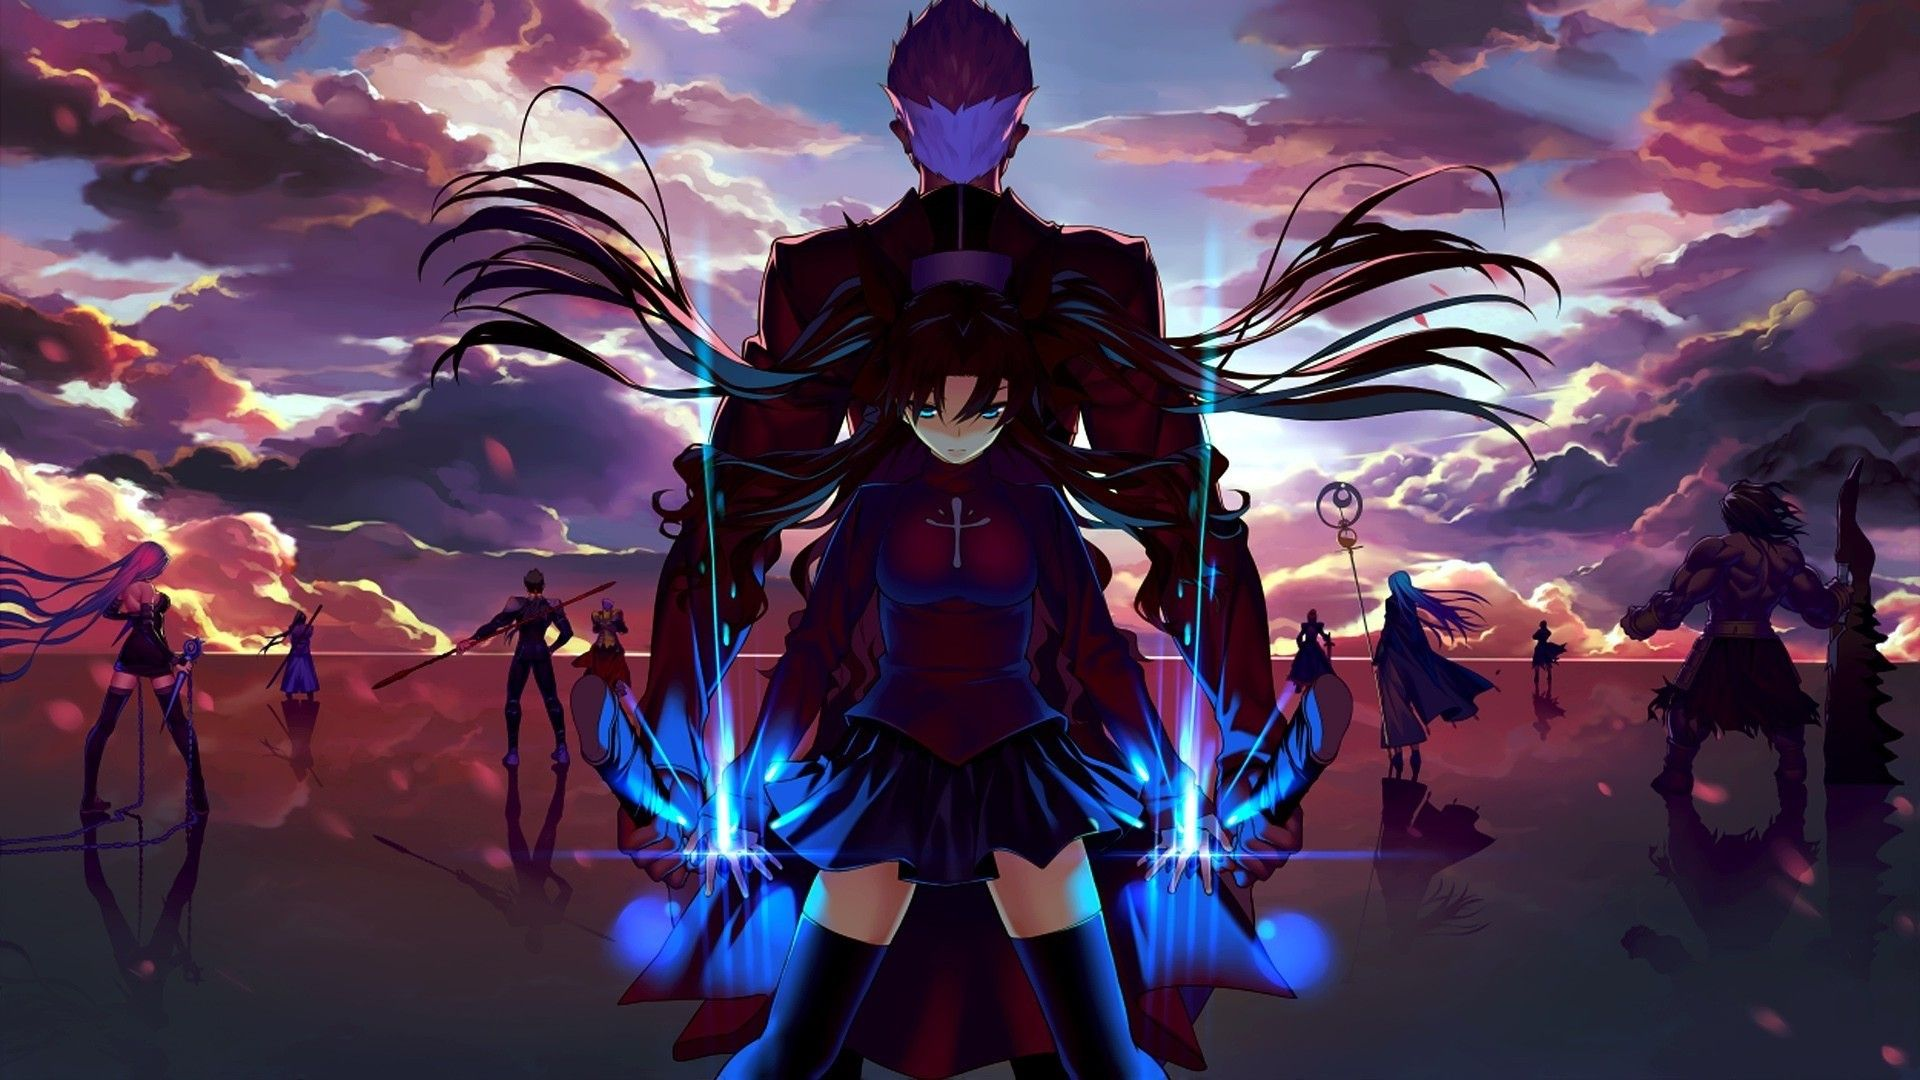 4k Anime Desktop Wallpaper Fate Stay Night Anime Anime Wallpaper 1920x1080 Fate Stay Night Rin